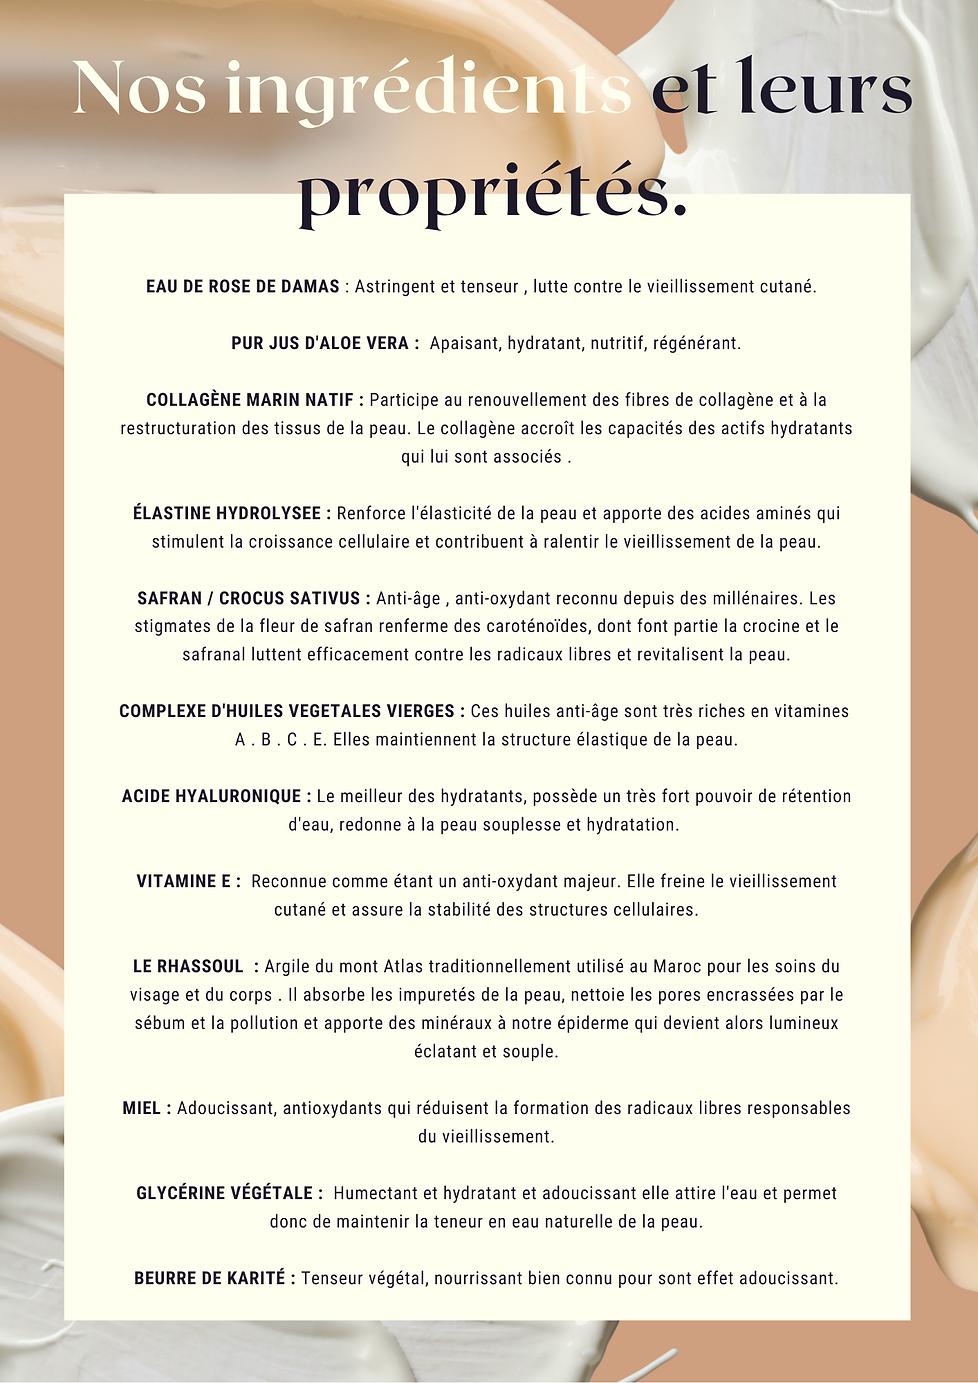 Fiches produits La Clidelle (10).png